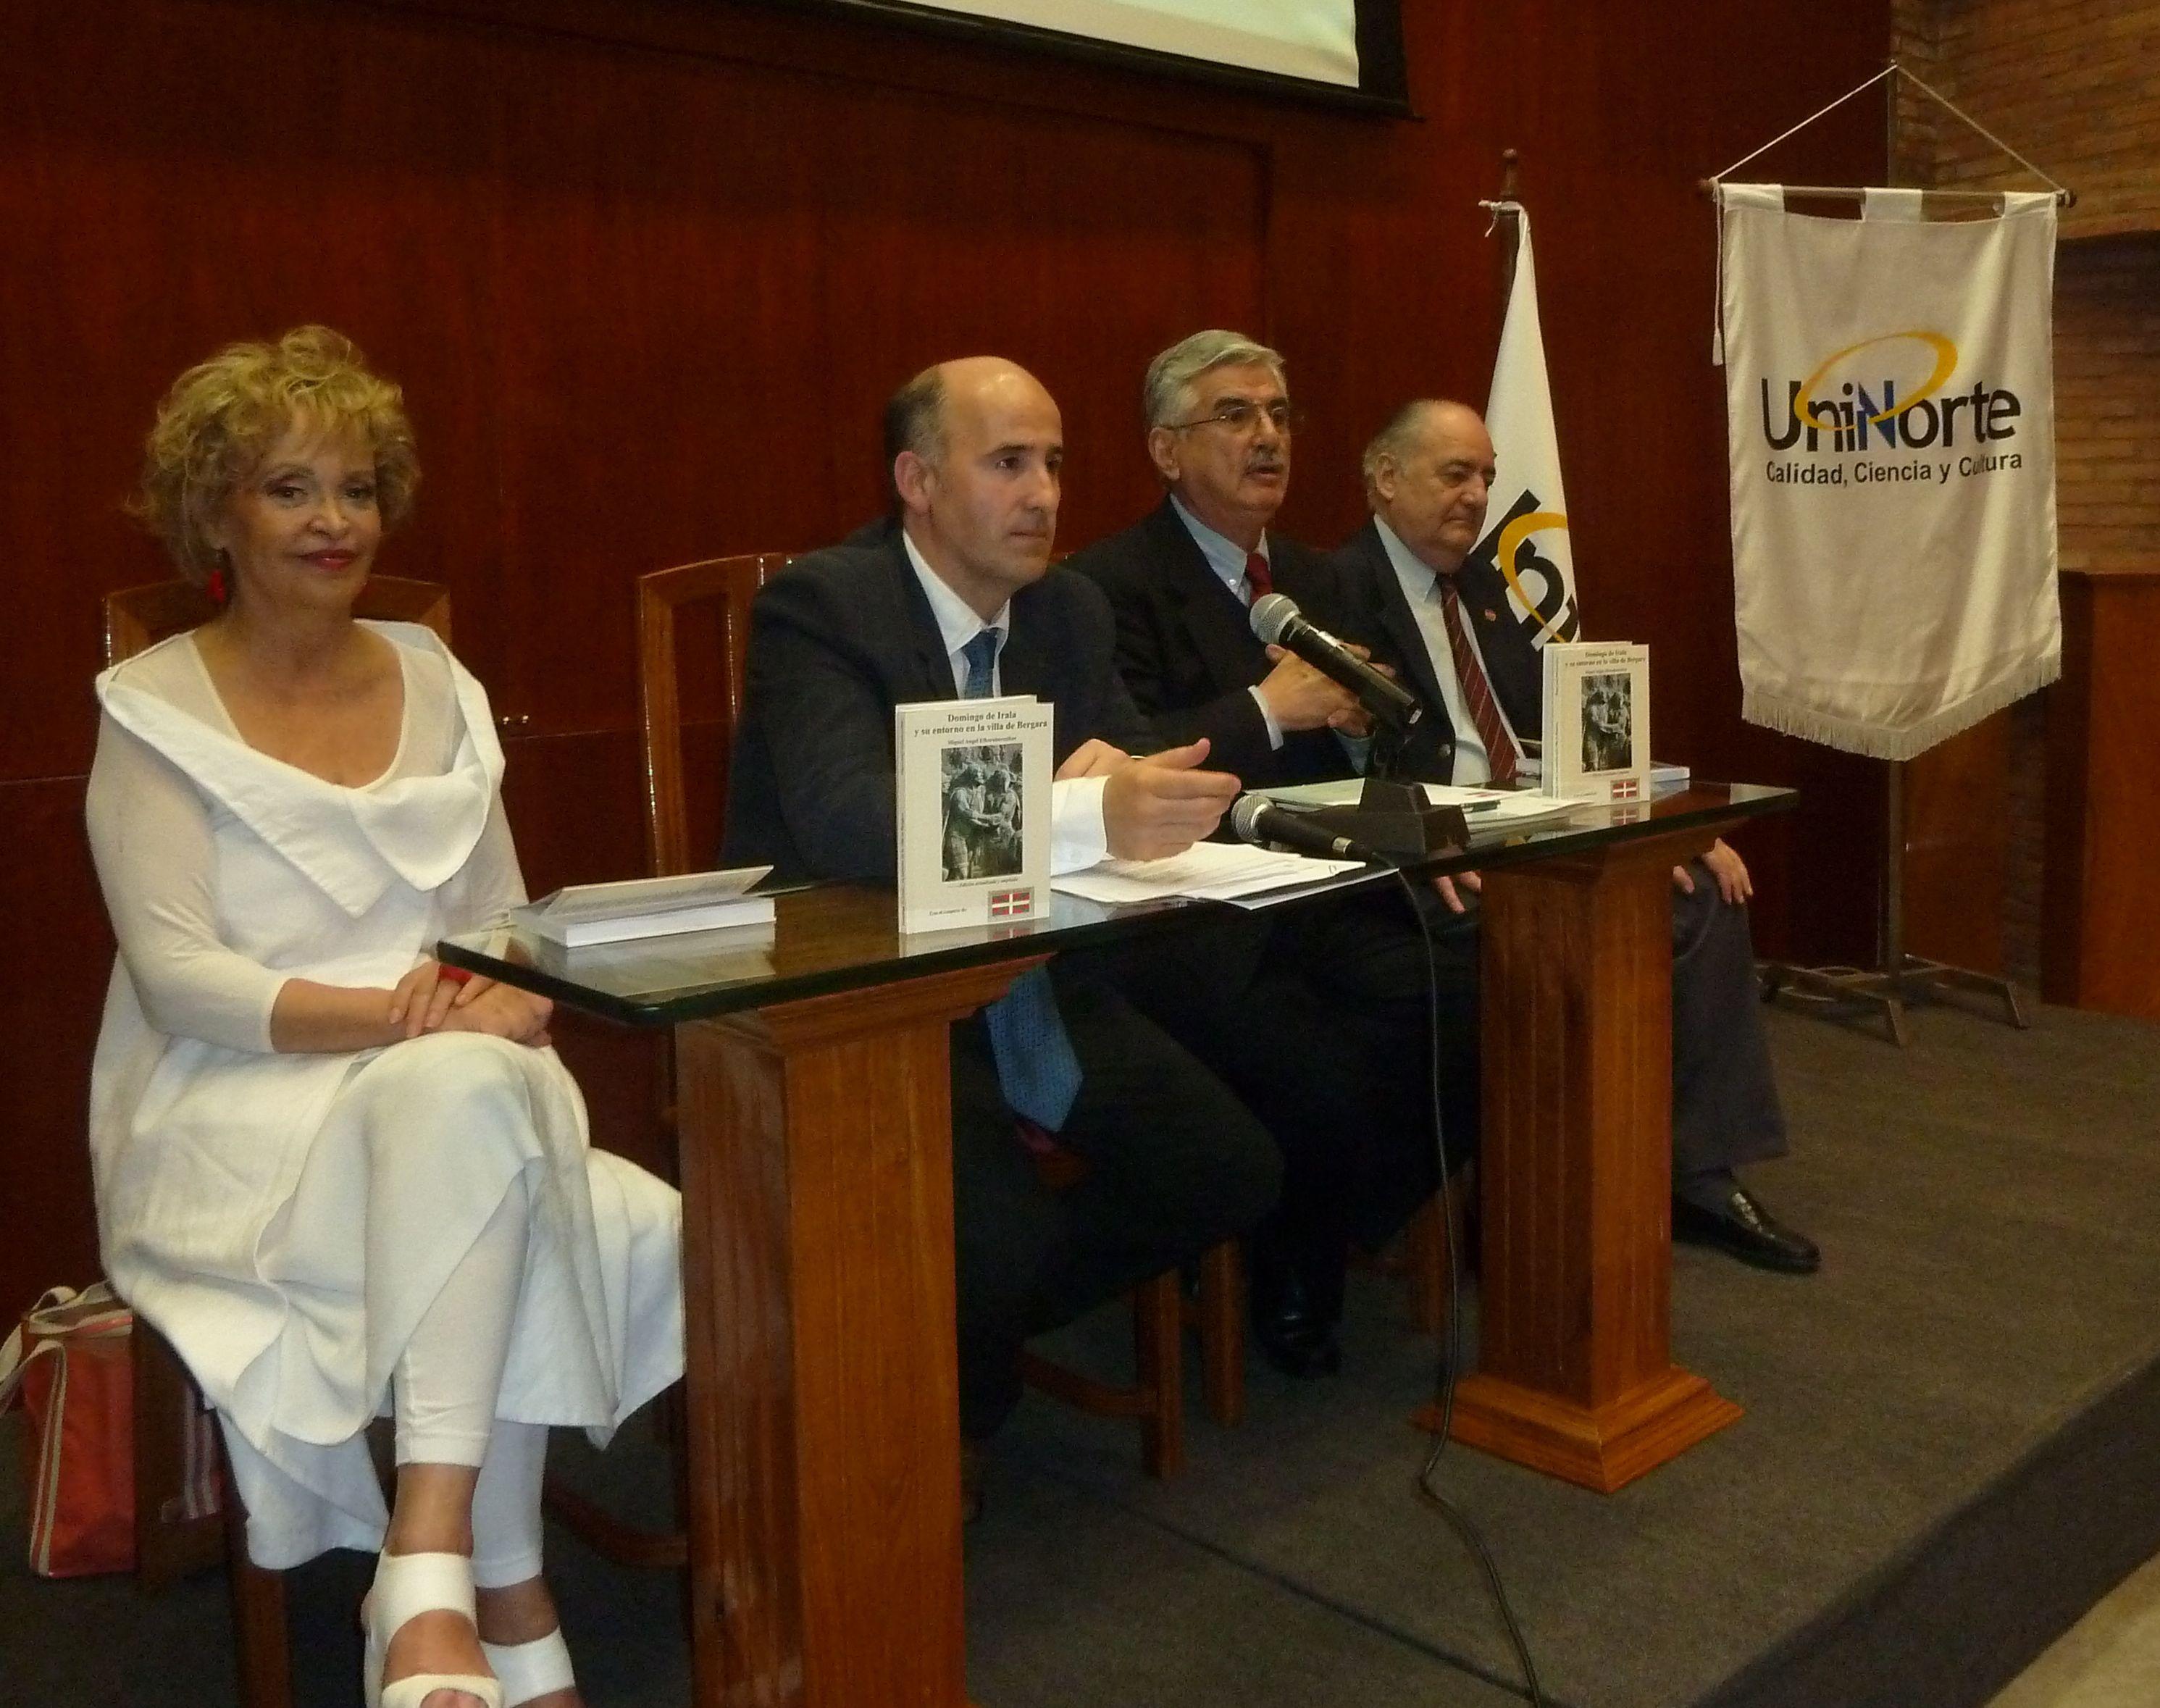 La Semana Vasca en Paraguay fue inaugurada con la presentación del libro sobre Domingo de Irala  [2:19]